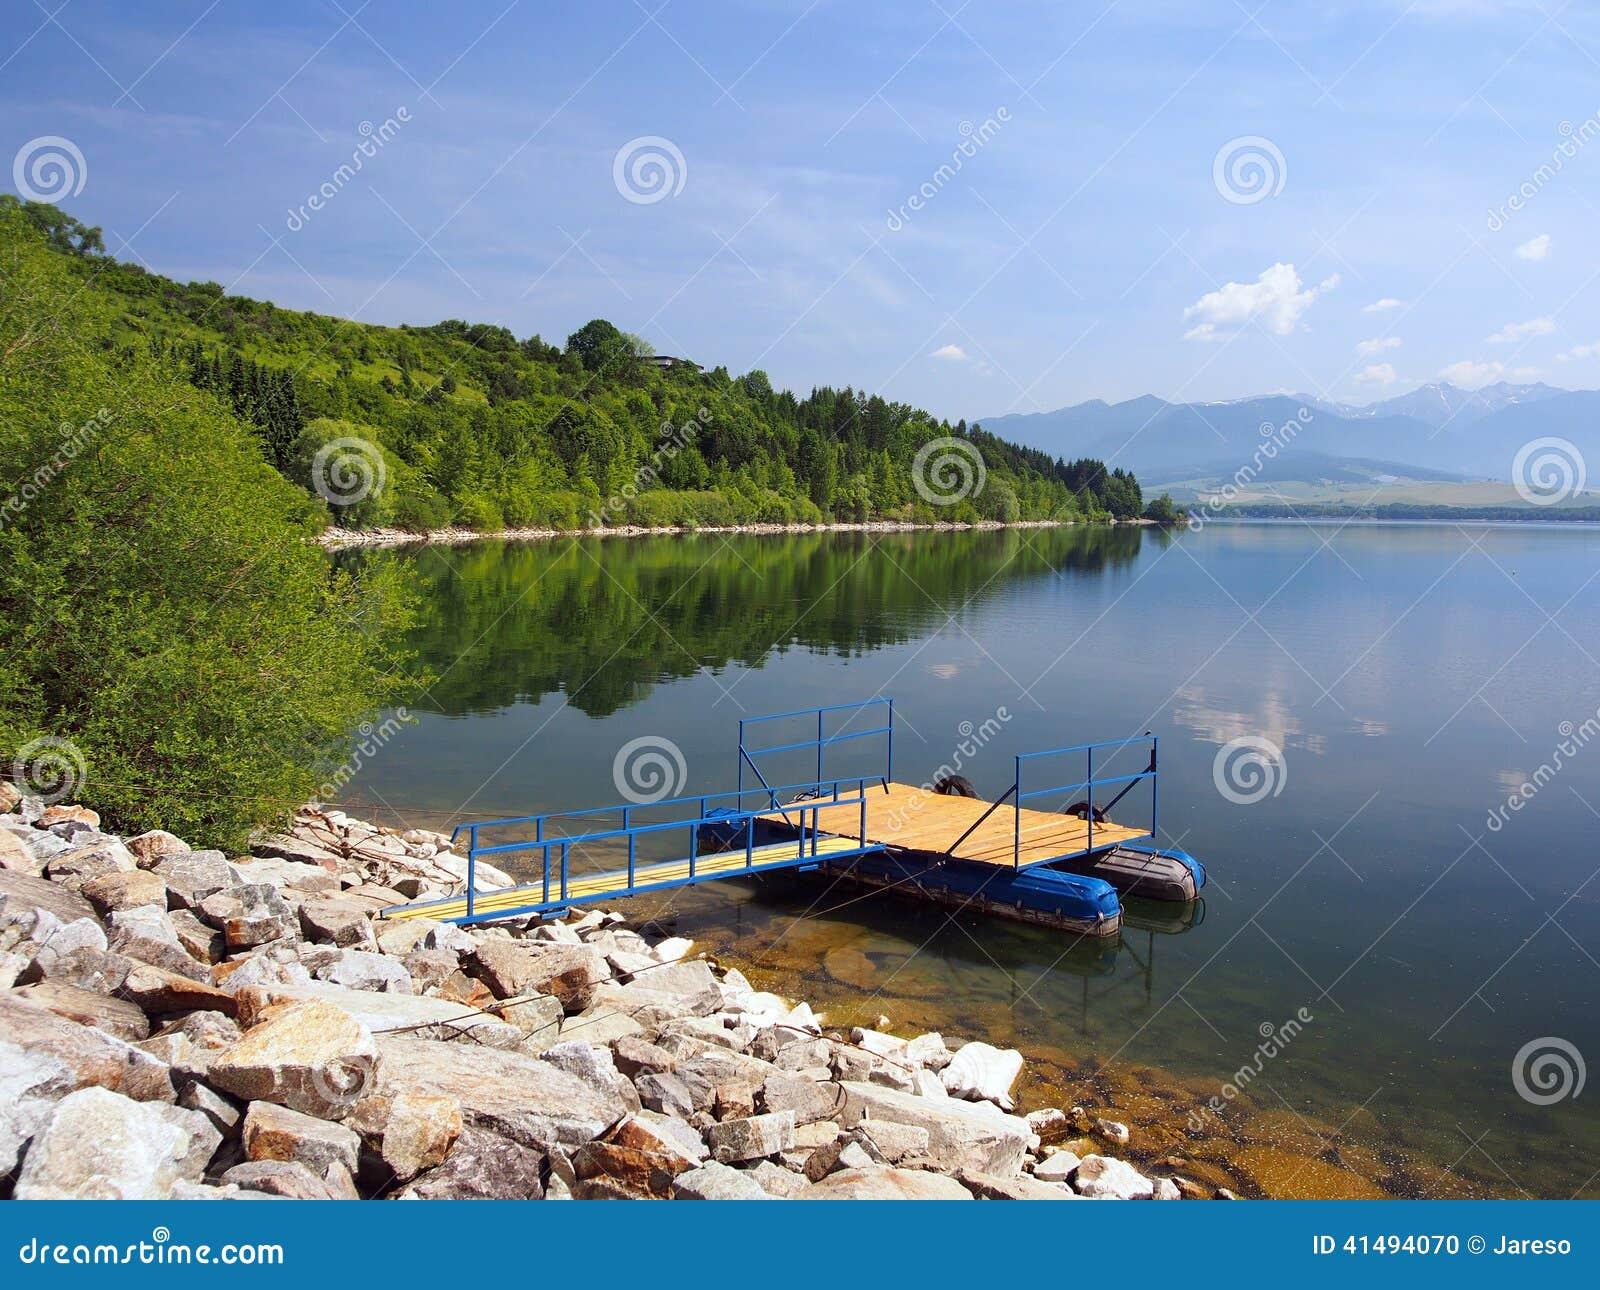 The pier for boats at Liptovska Mara, Slovakia